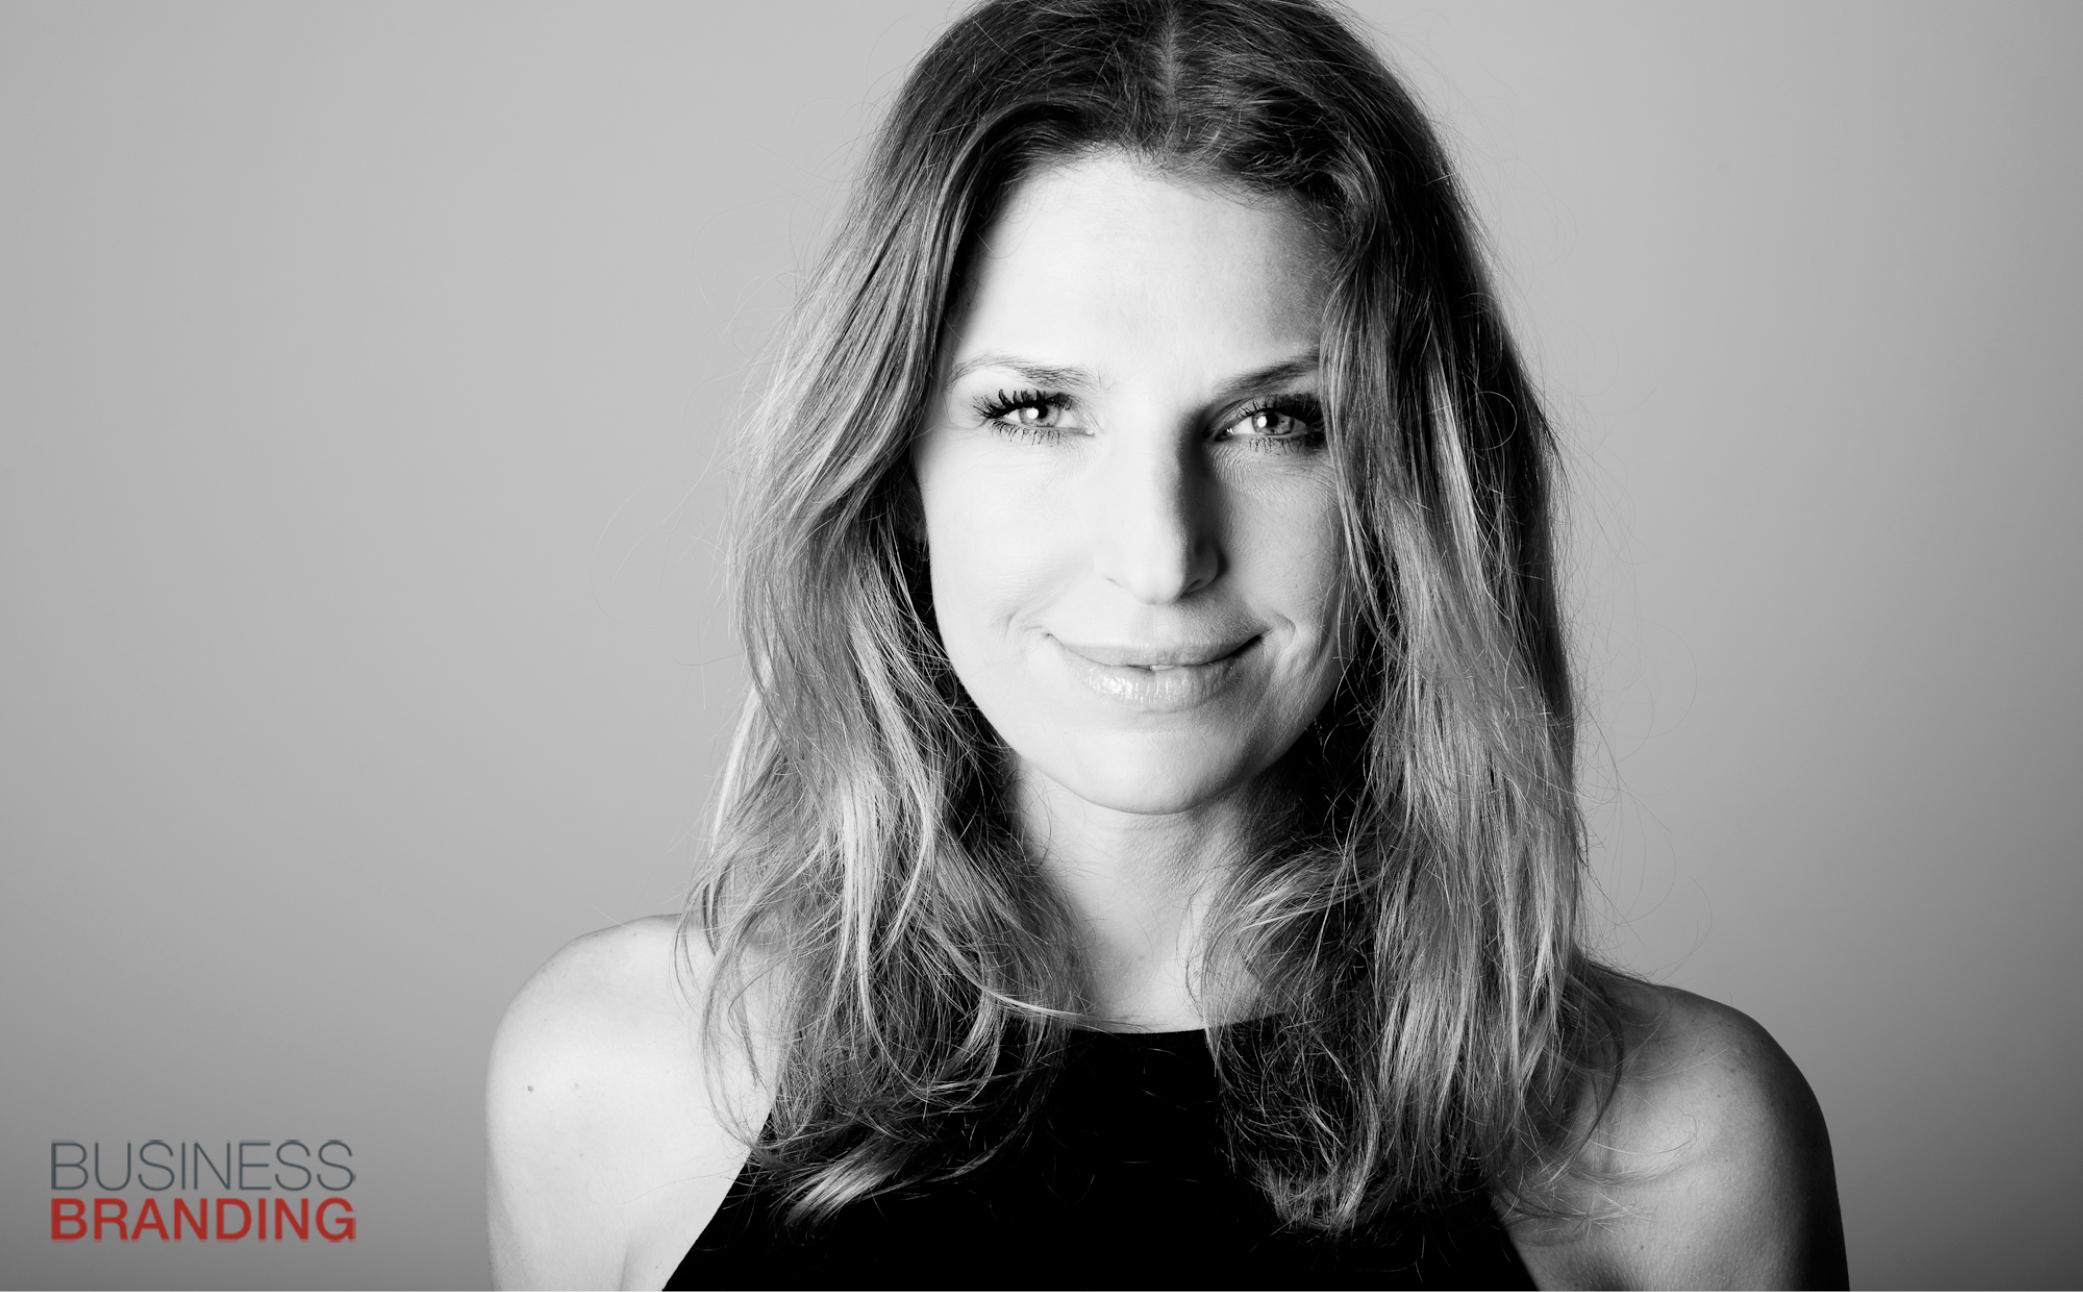 Hier sehen Sie das Bild einer jungen Frau - Business Portraits - Business Branding fotograf Berlin